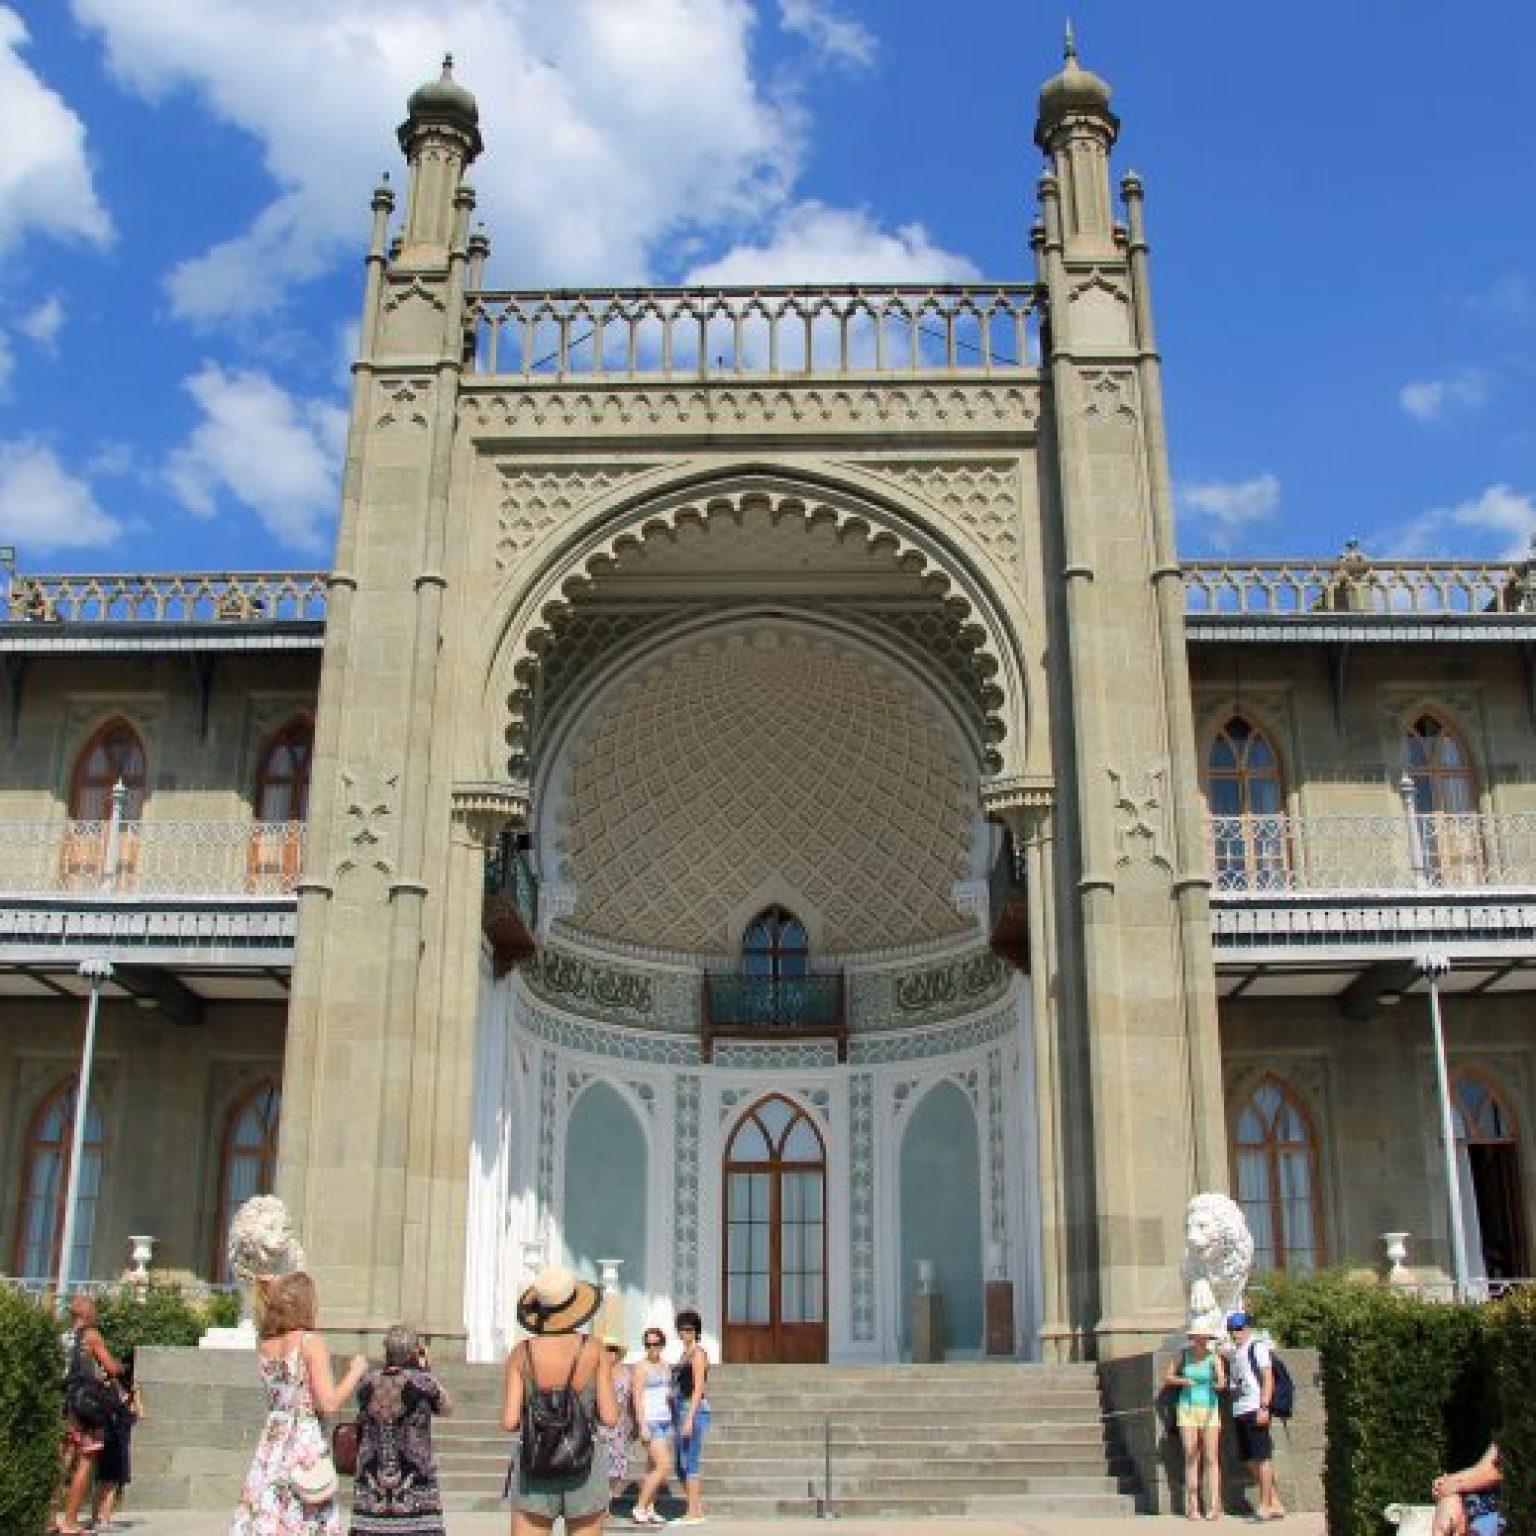 Достопримечательности Крыма - Воронцовский дворец в Алупке